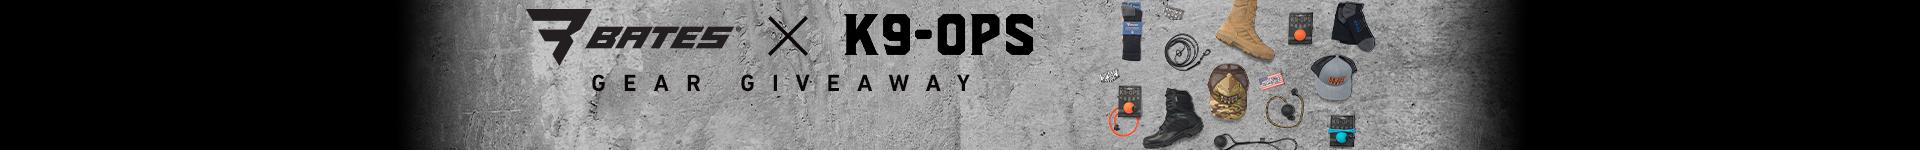 Bates K9 Ops giveway kit.